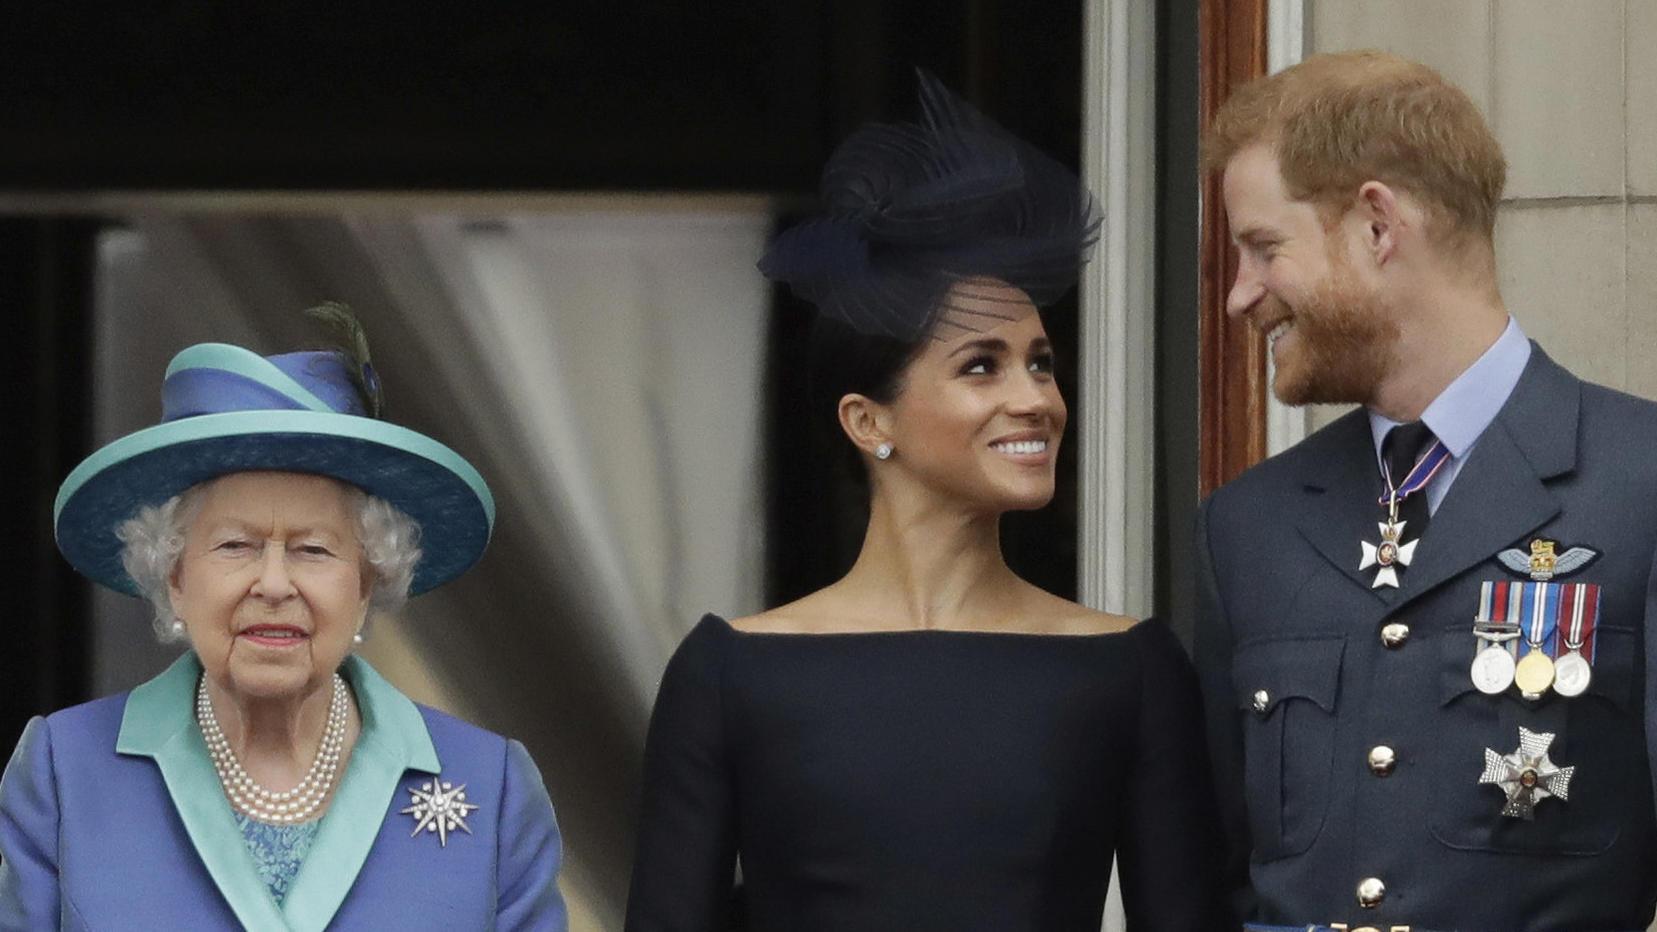 Die Queen bei einem Auftritt mit Herzogin Meghan und Prinz Harry.